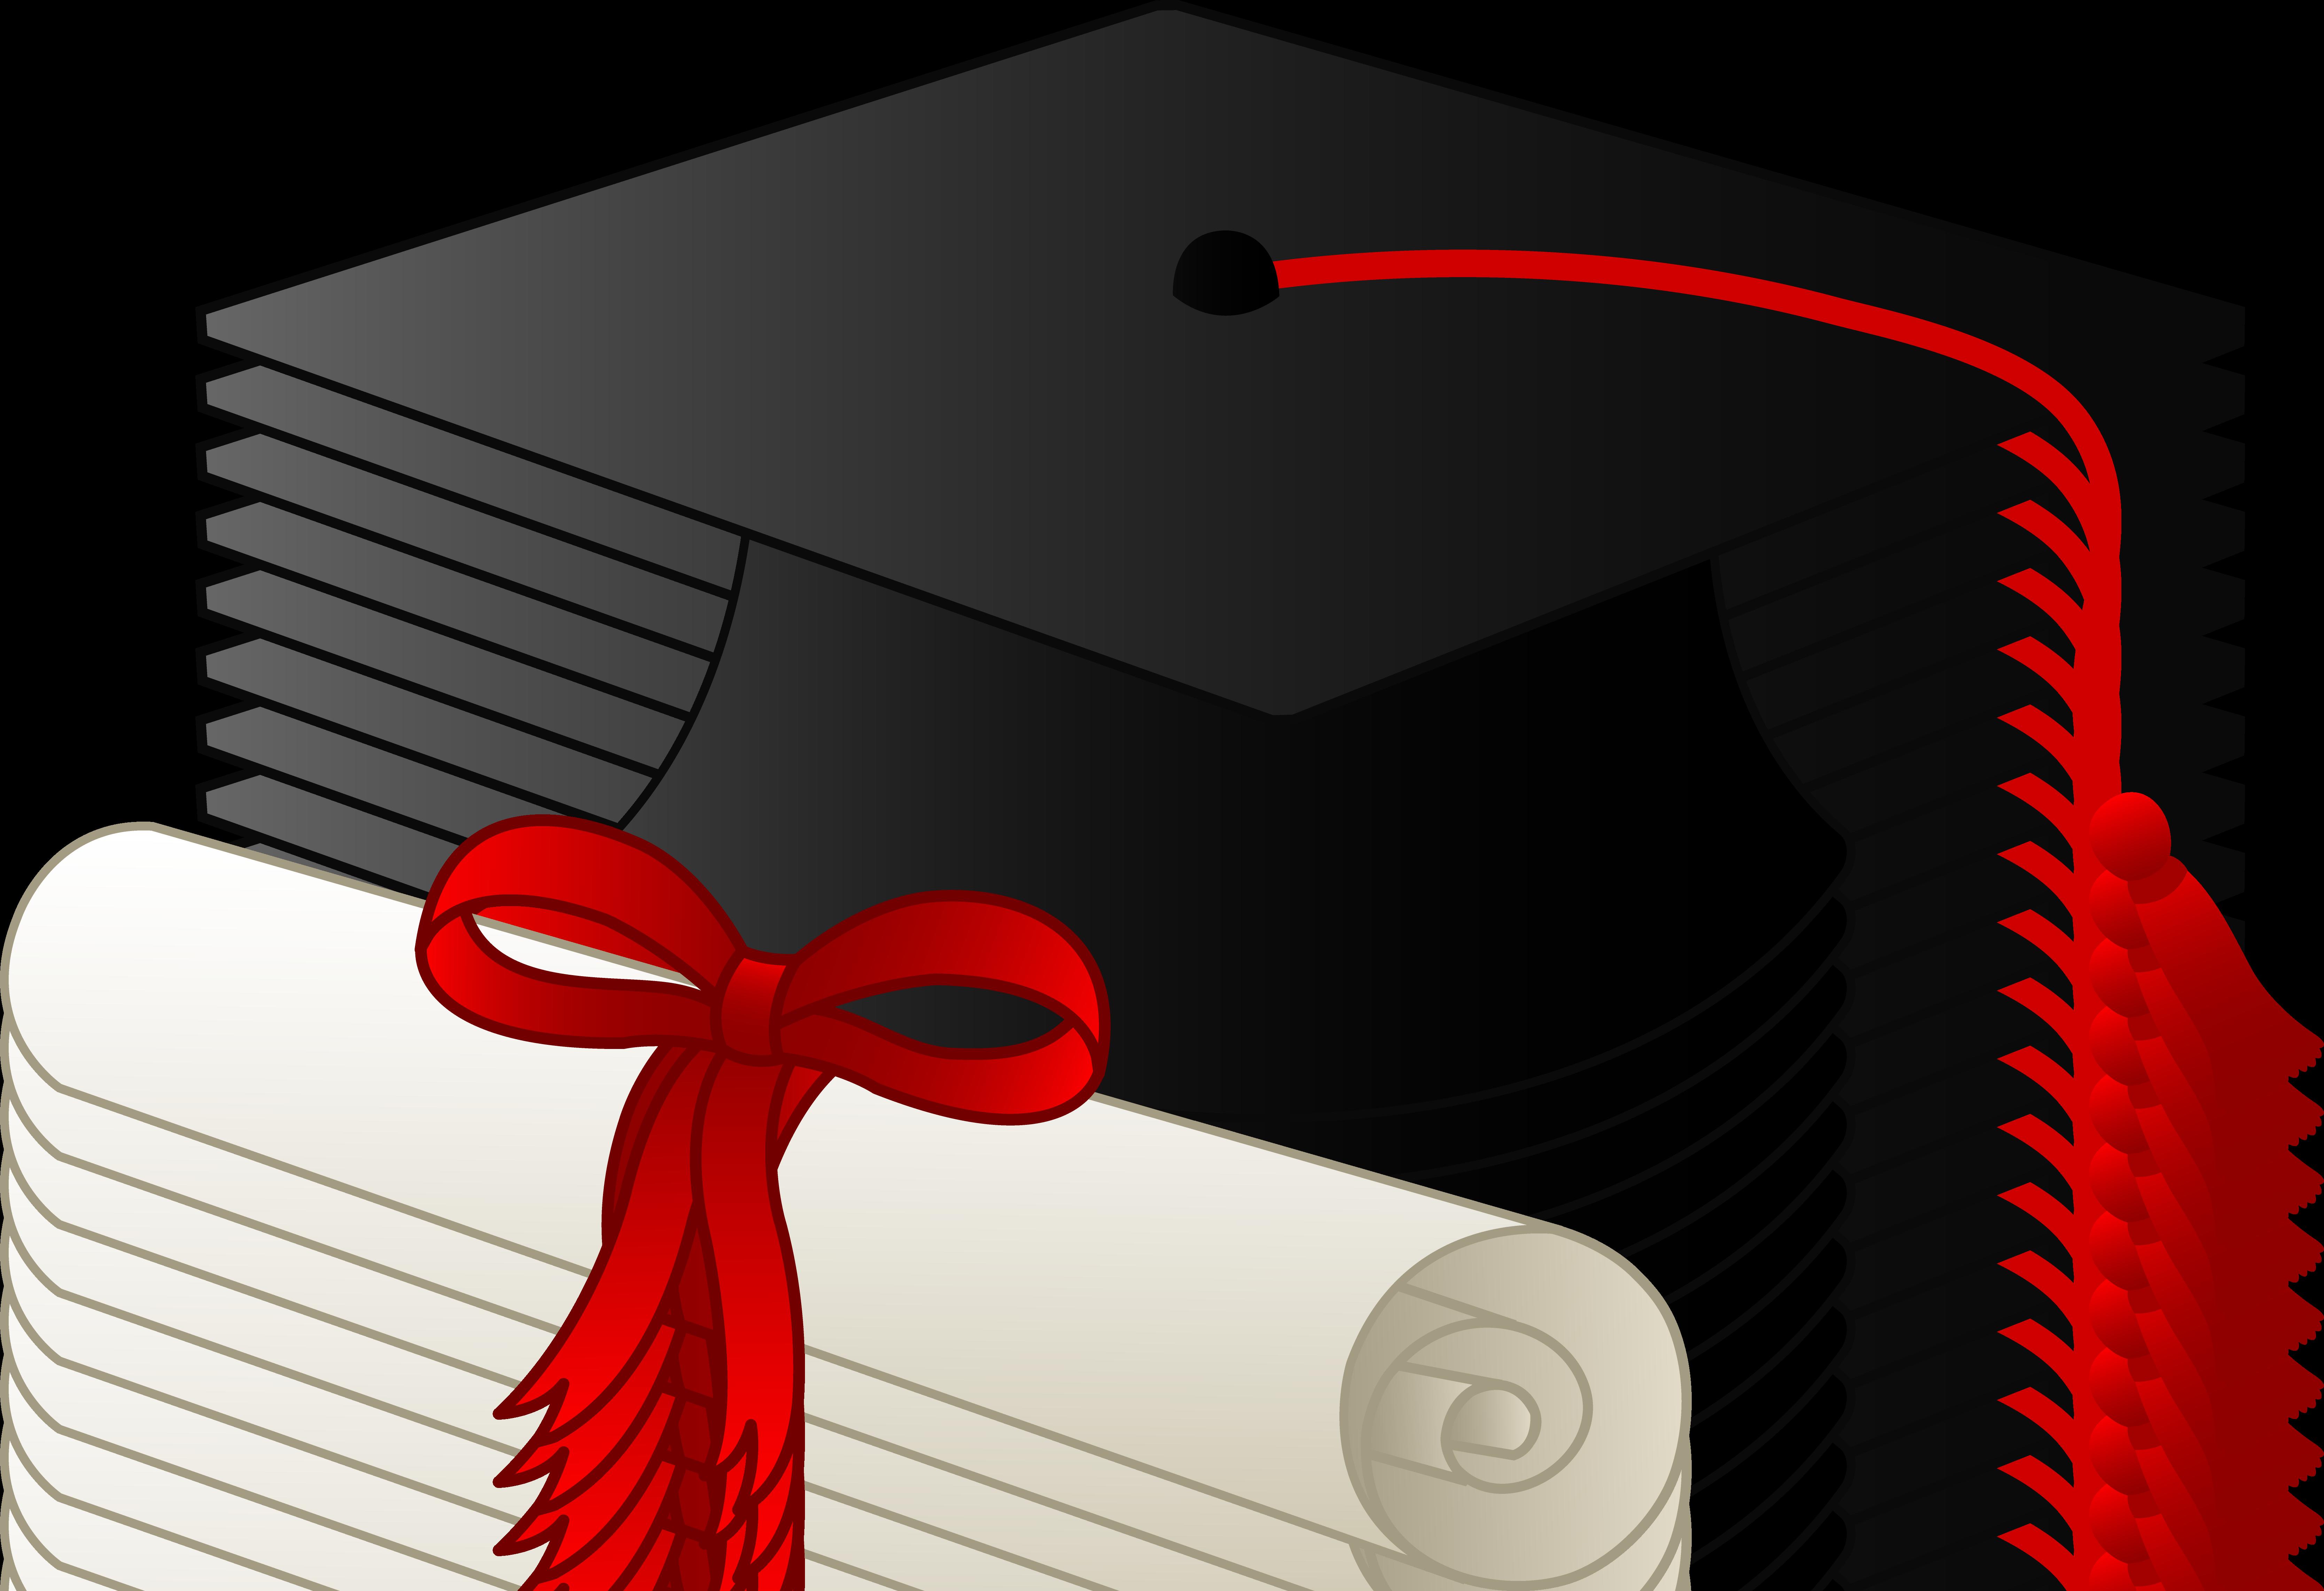 1000  ideas about Graduation Cap Clipart on Pinterest | Graduation diy,  Graduation cards and Page borders